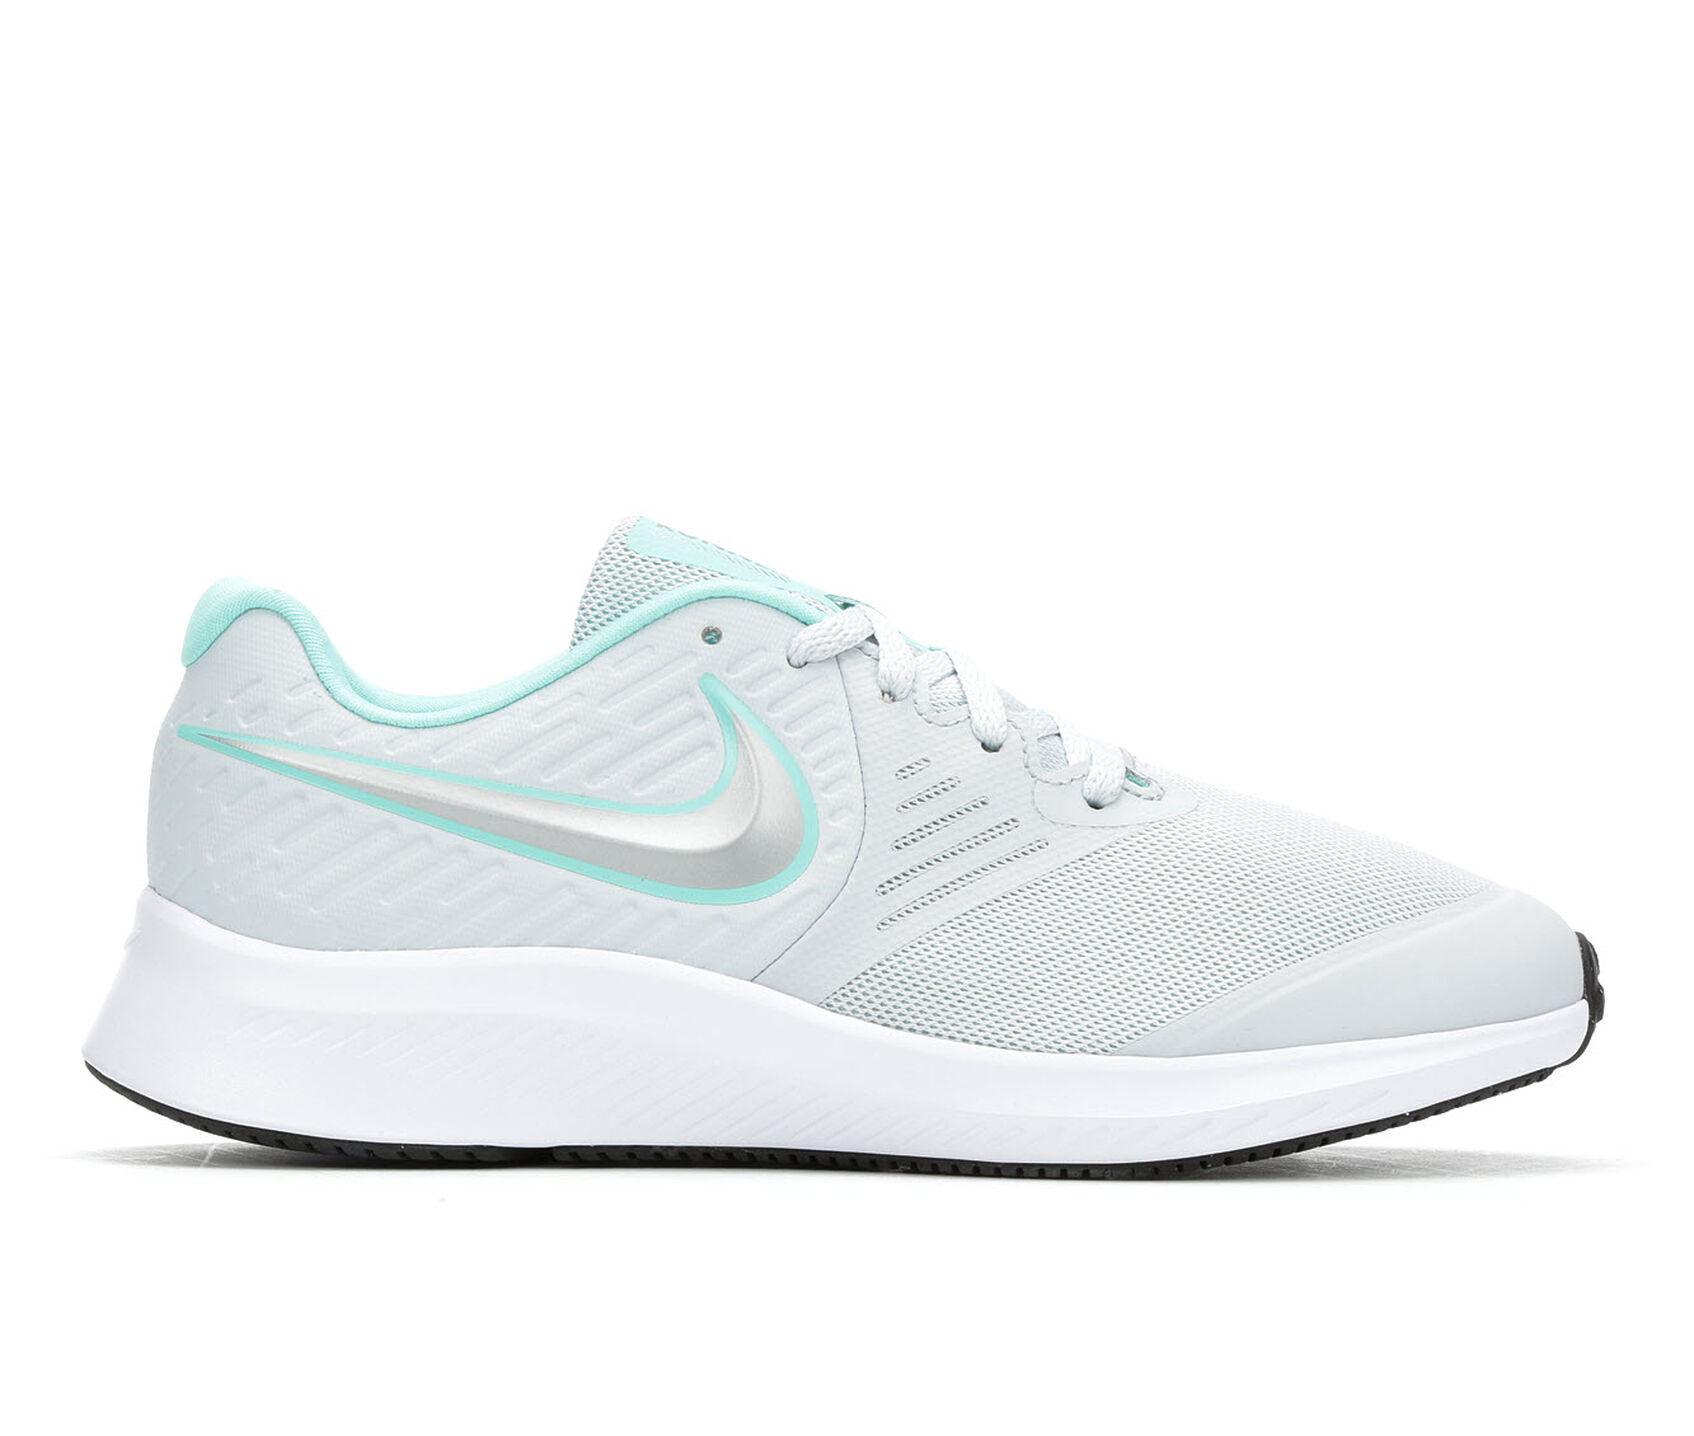 grossiste 16e4c 0c762 Girls' Nike Big Kid Star Runner 2 Running Shoes